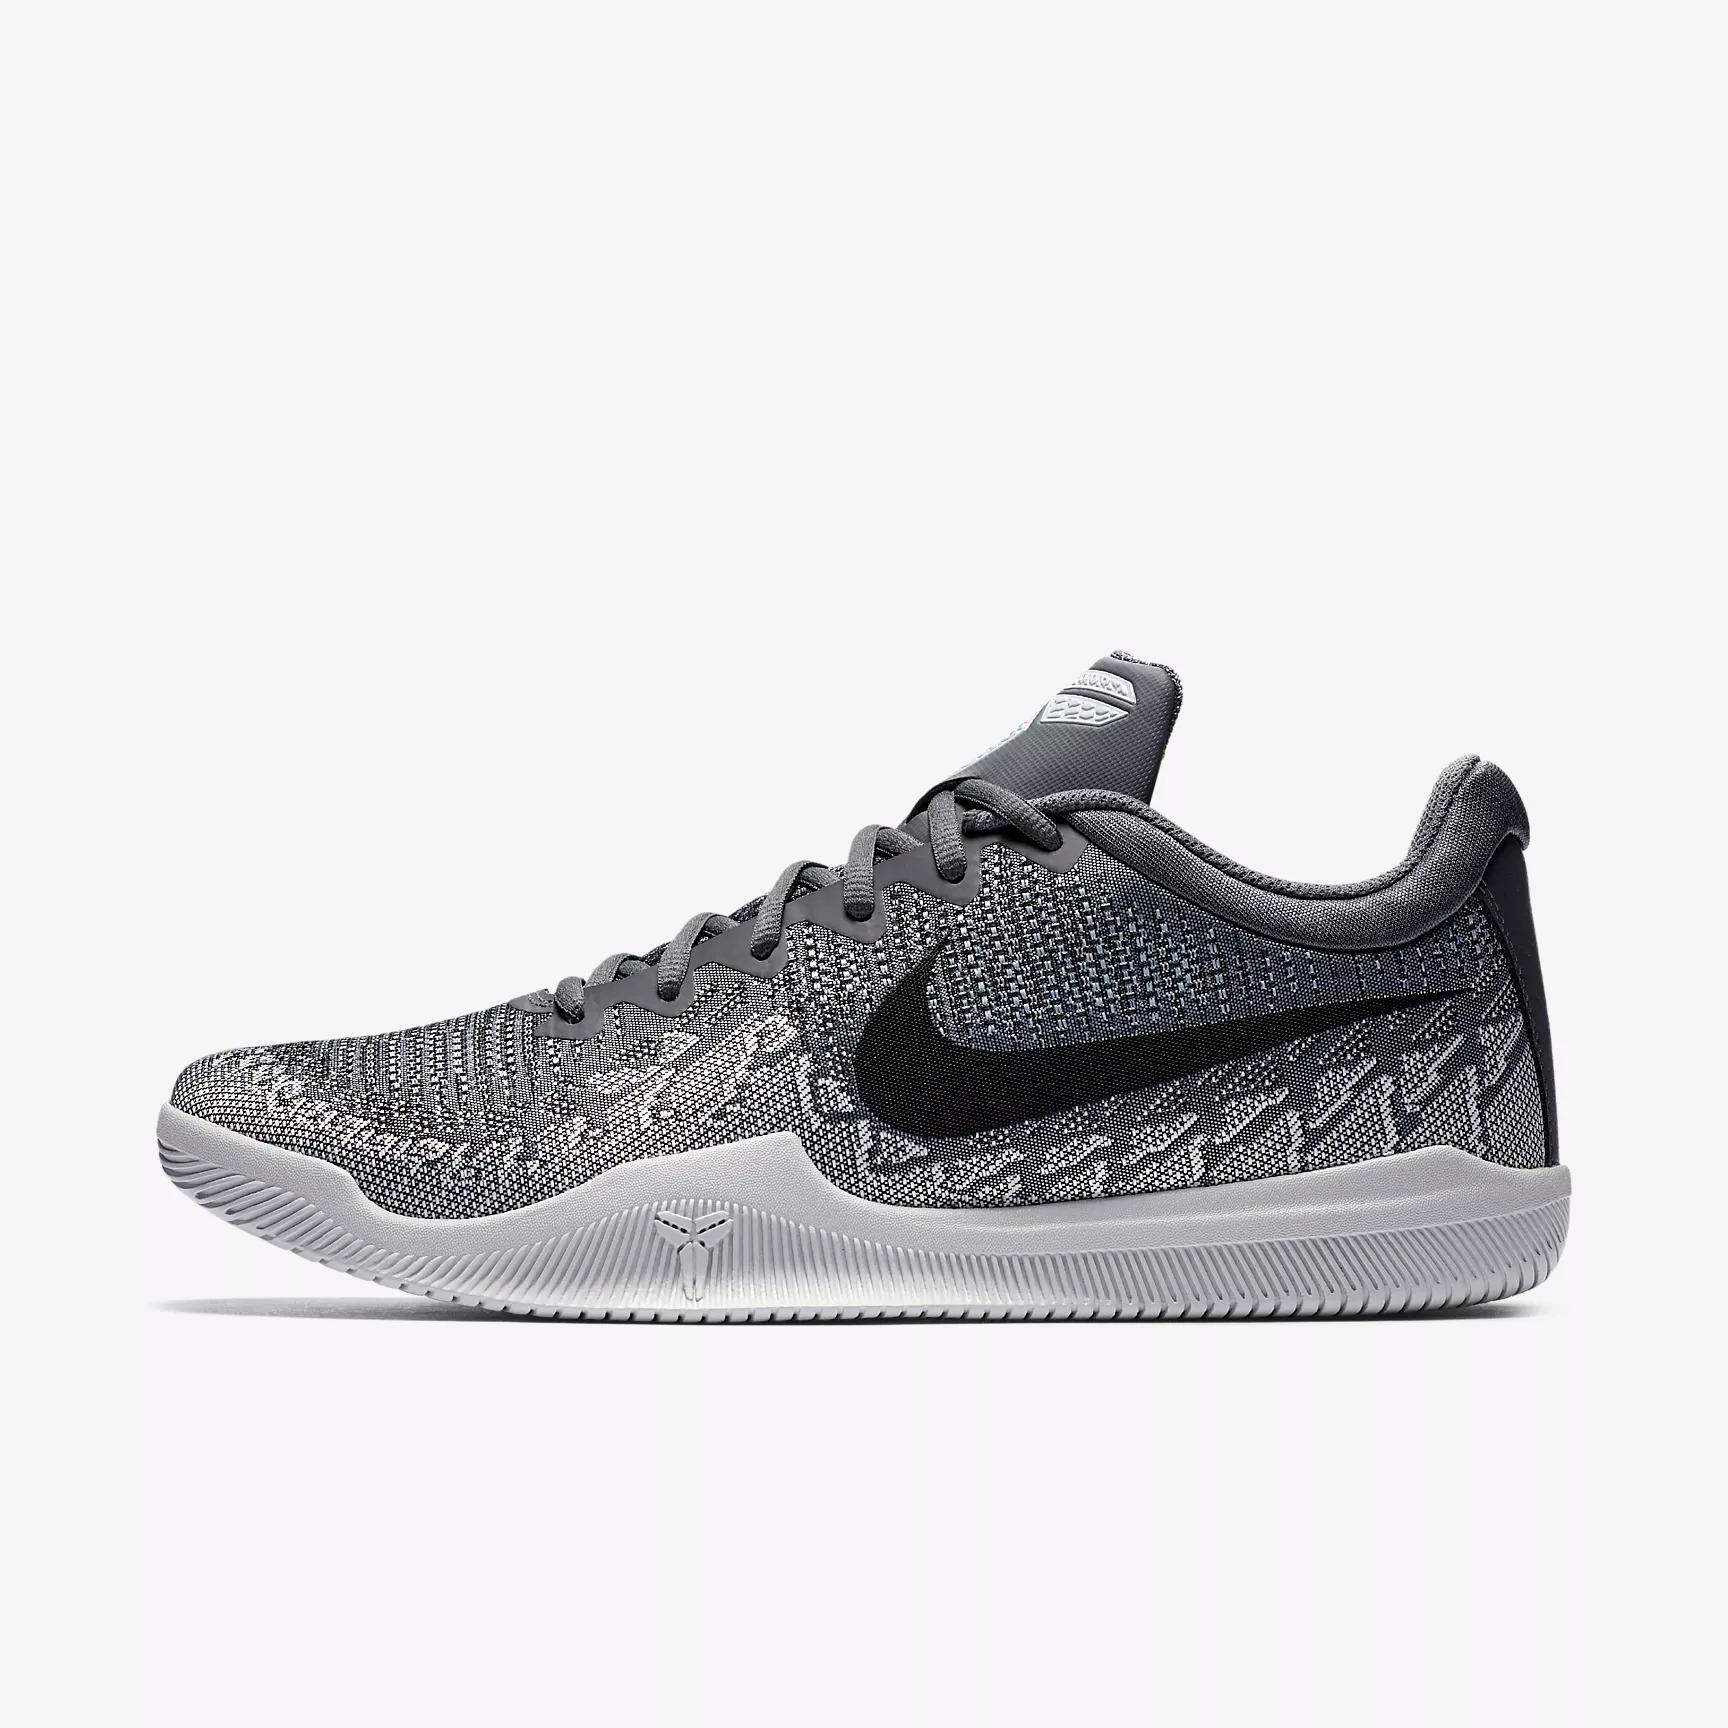 new products a2b51 93eca Nike Mamba Rage Basketball Shoes